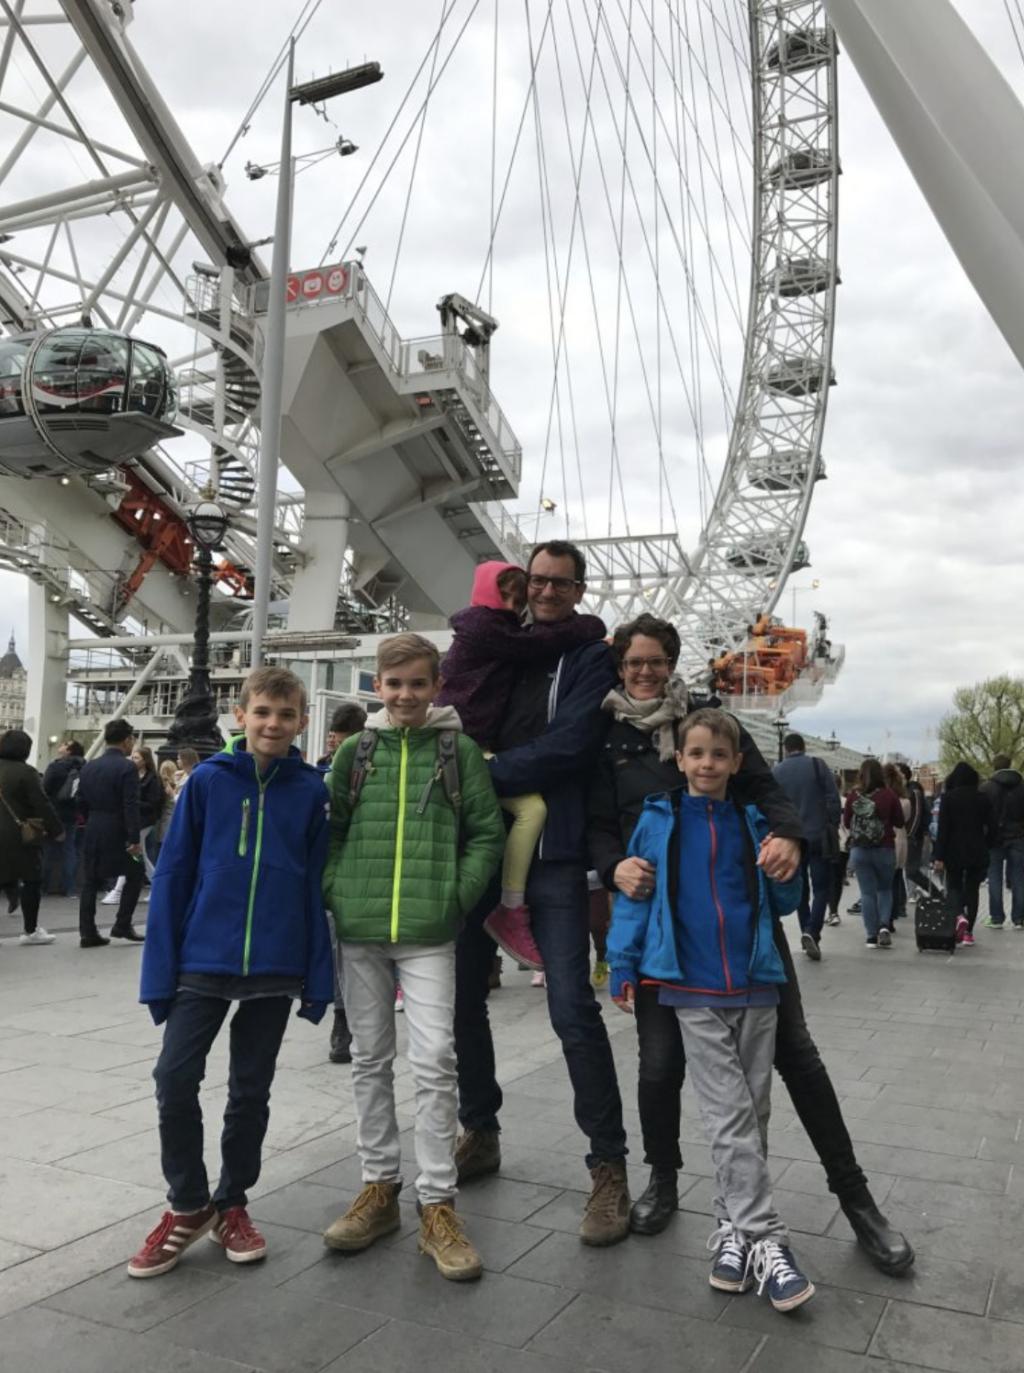 London Wochenendtrip Familie